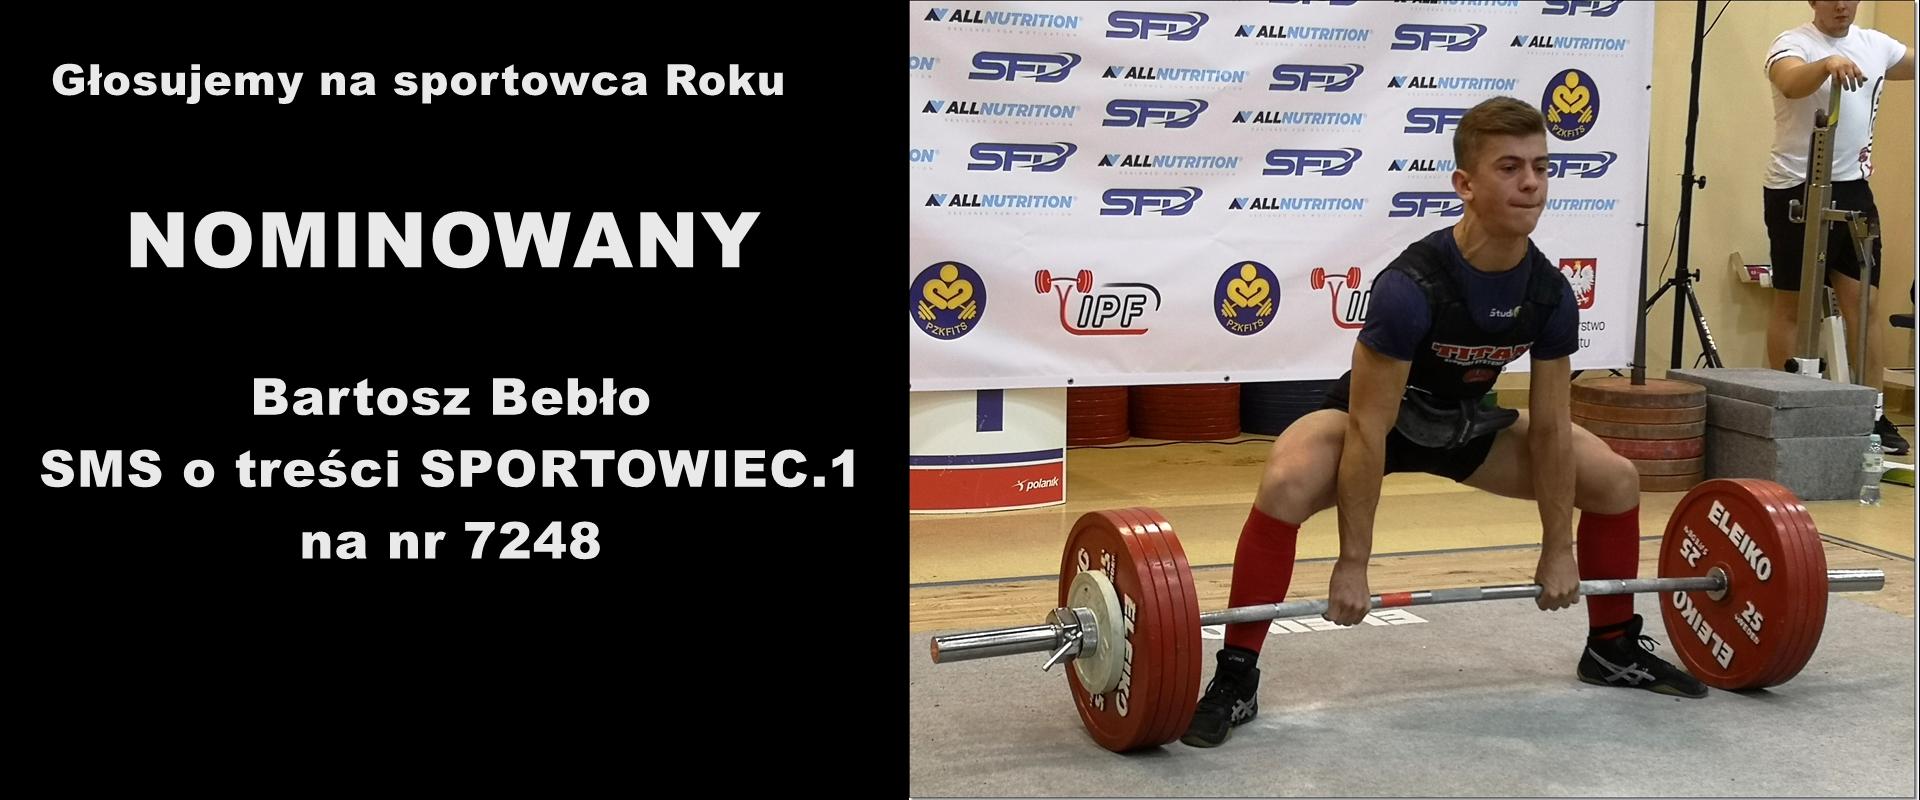 Bartosz Bebło nominowany na sportowca roku 2019